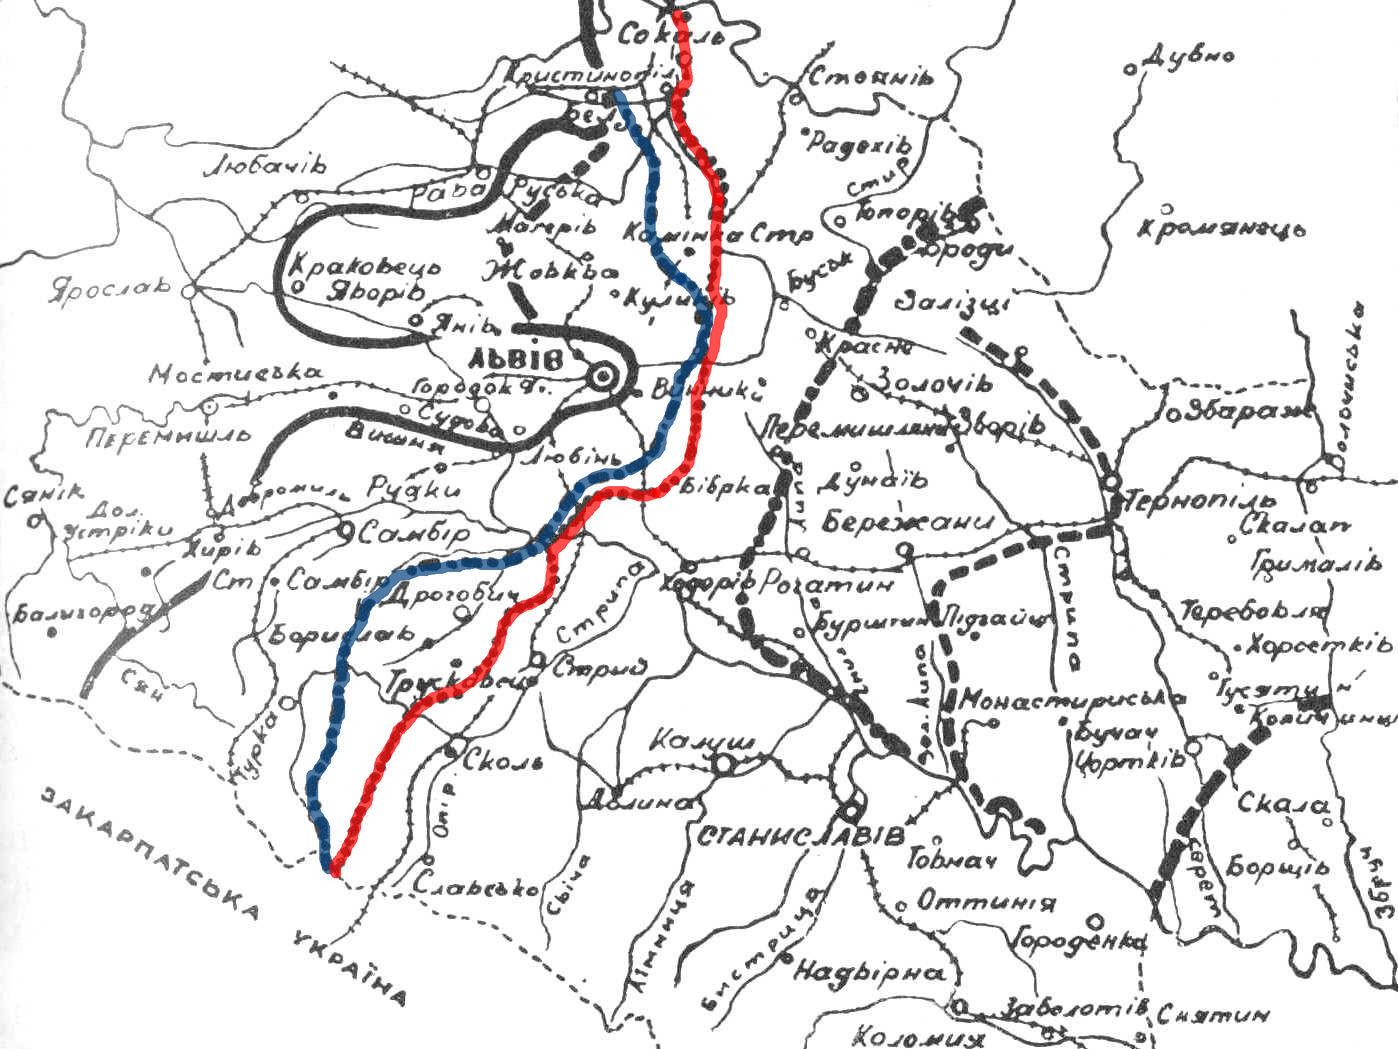 """Карта польсько-української війни в Галичині. Червоним виділена """"Лінія Бартелемі"""", синім - """"Лінія Боти"""""""